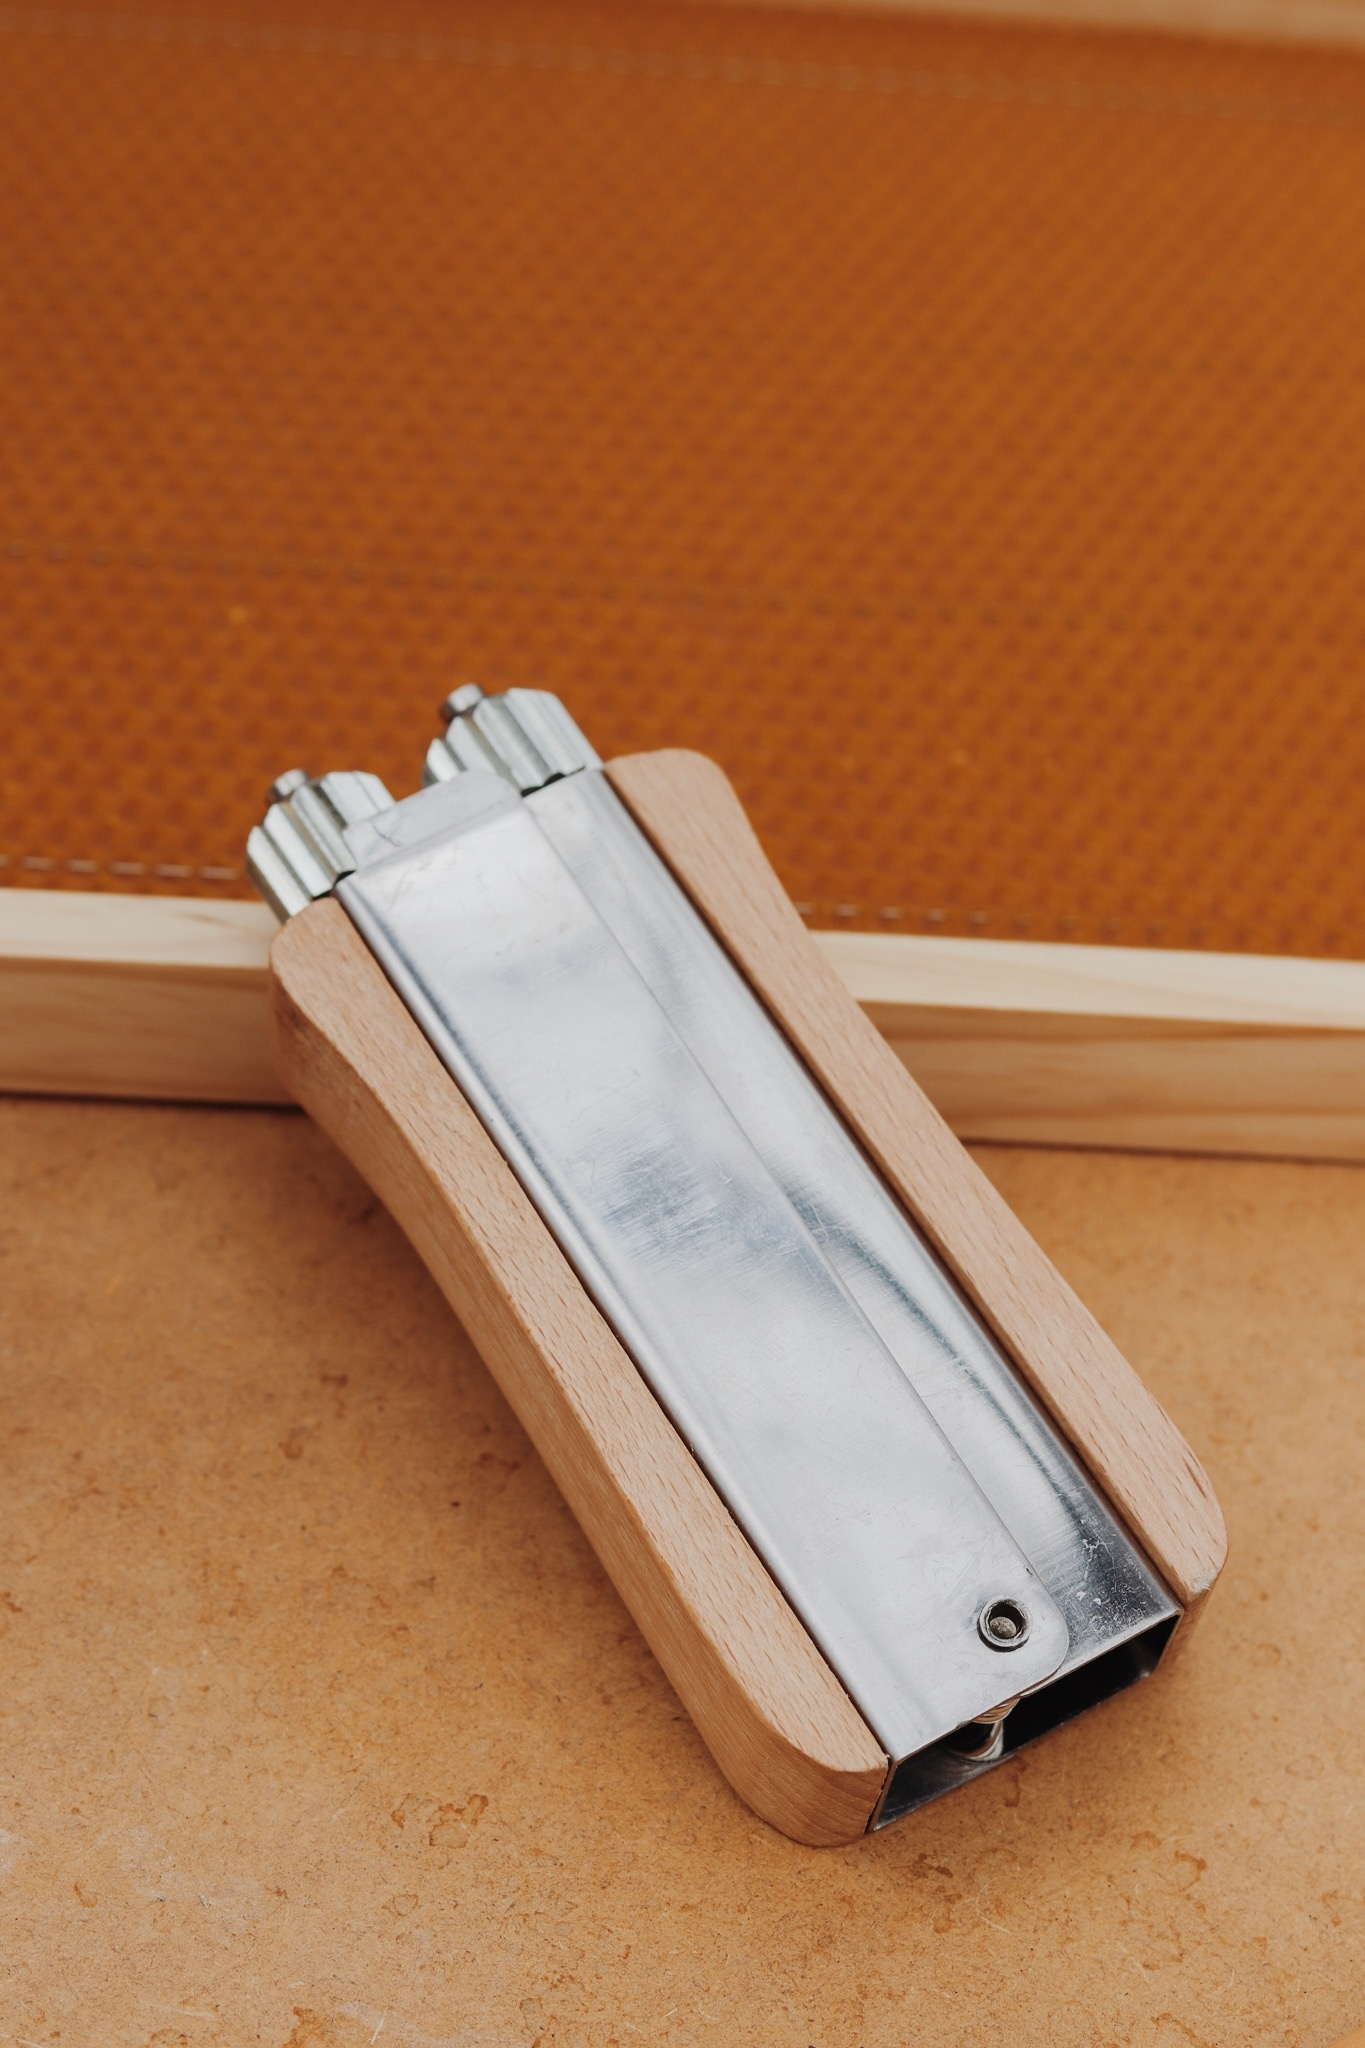 Starterspakket waswafels insmelten-4